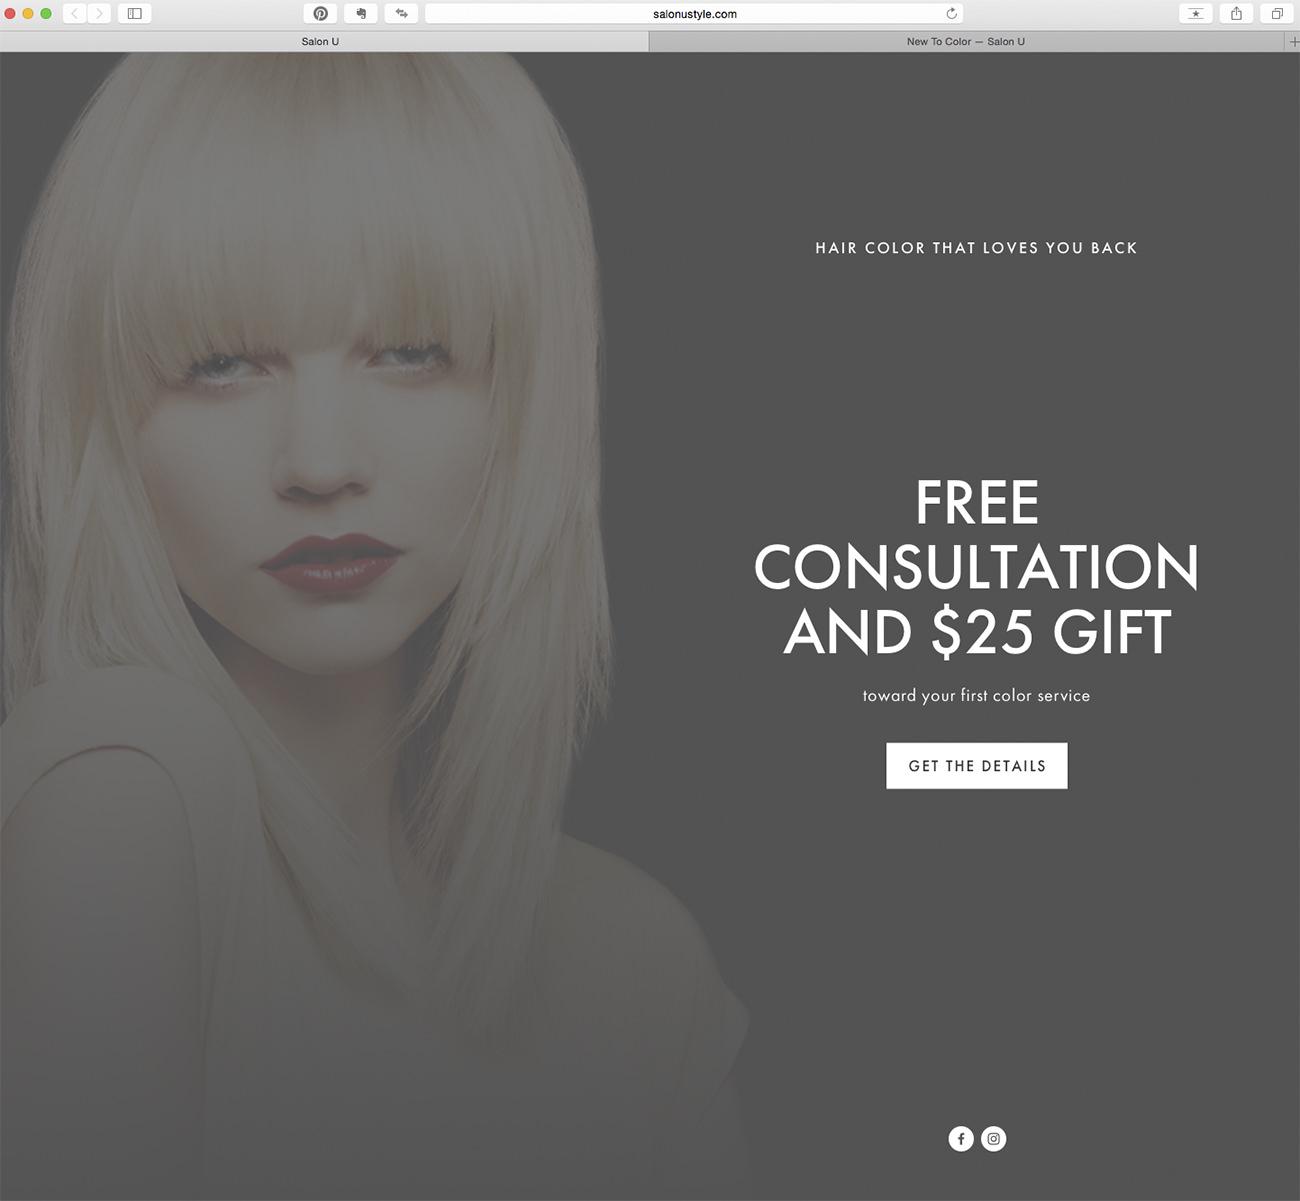 Marketing para peluquerías. Ejemplo de Salon-U